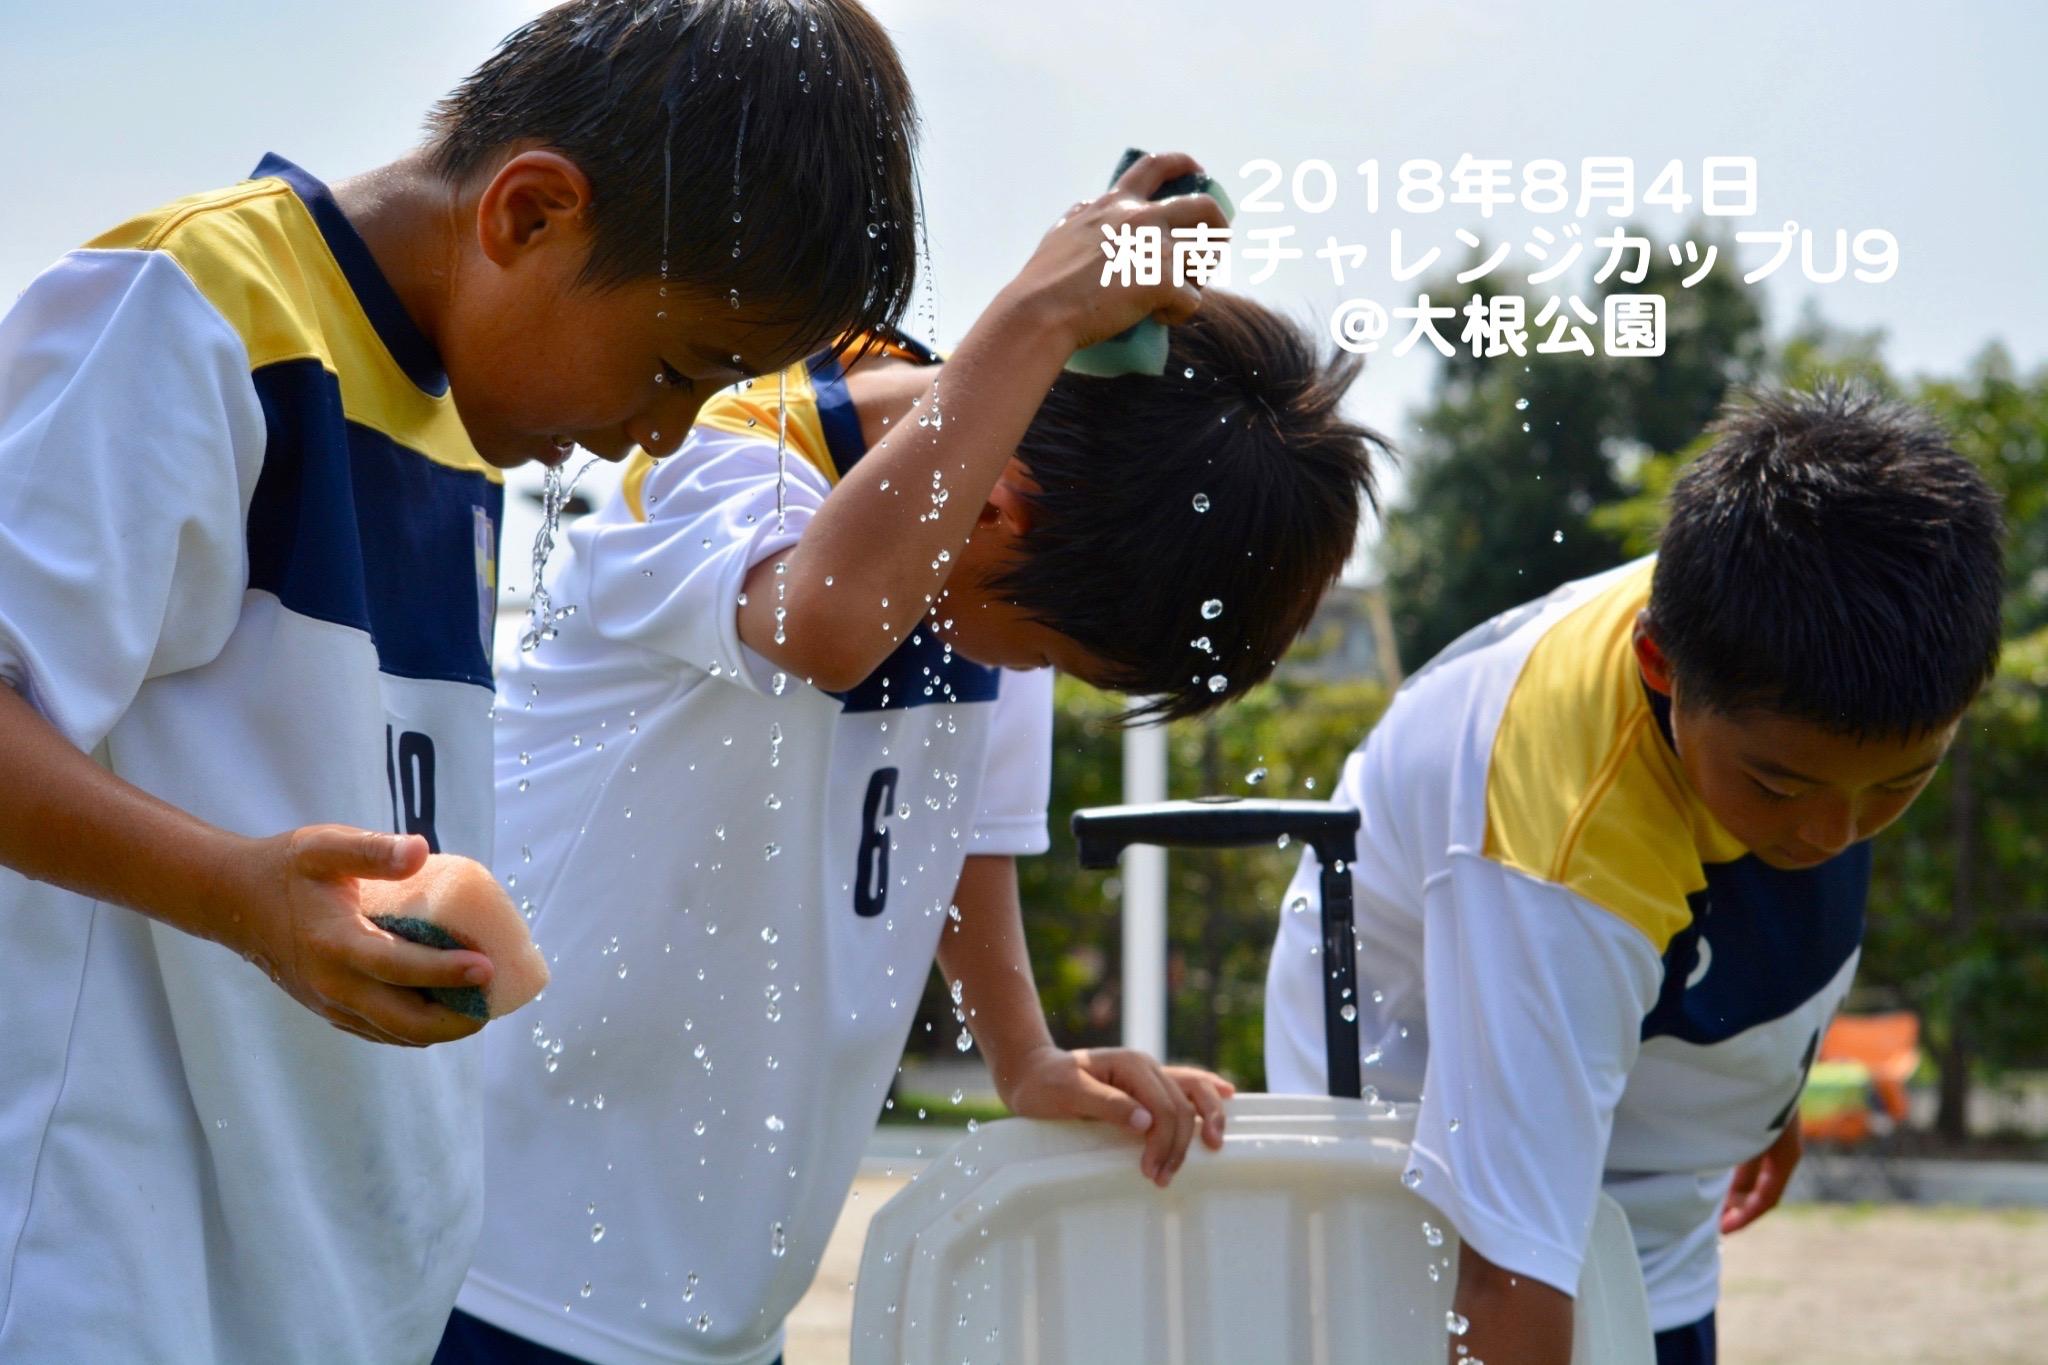 180804 U9湘南チャレンジカップ 2